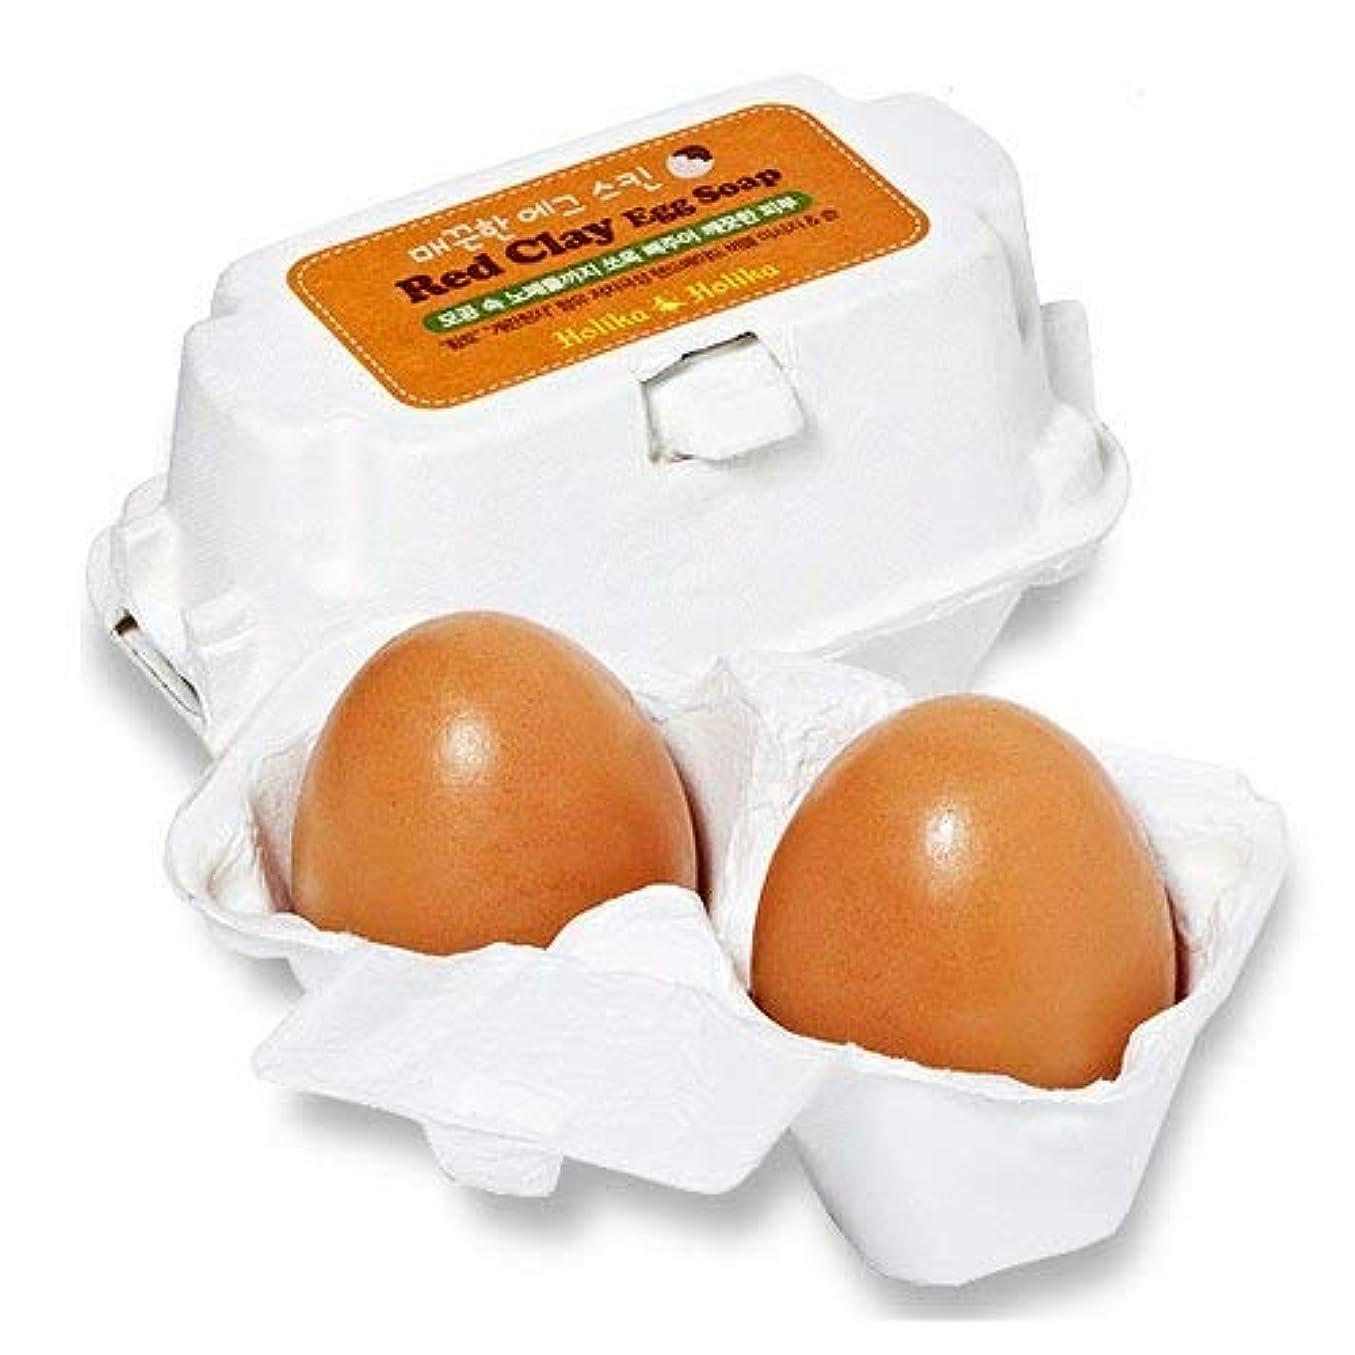 狂人好奇心盛弱まる[黄土/Red Clay] Holika Holika Egg Skin Egg Soap ホリカホリカ エッグスキン エッグソープ (50g*2個) [並行輸入品]